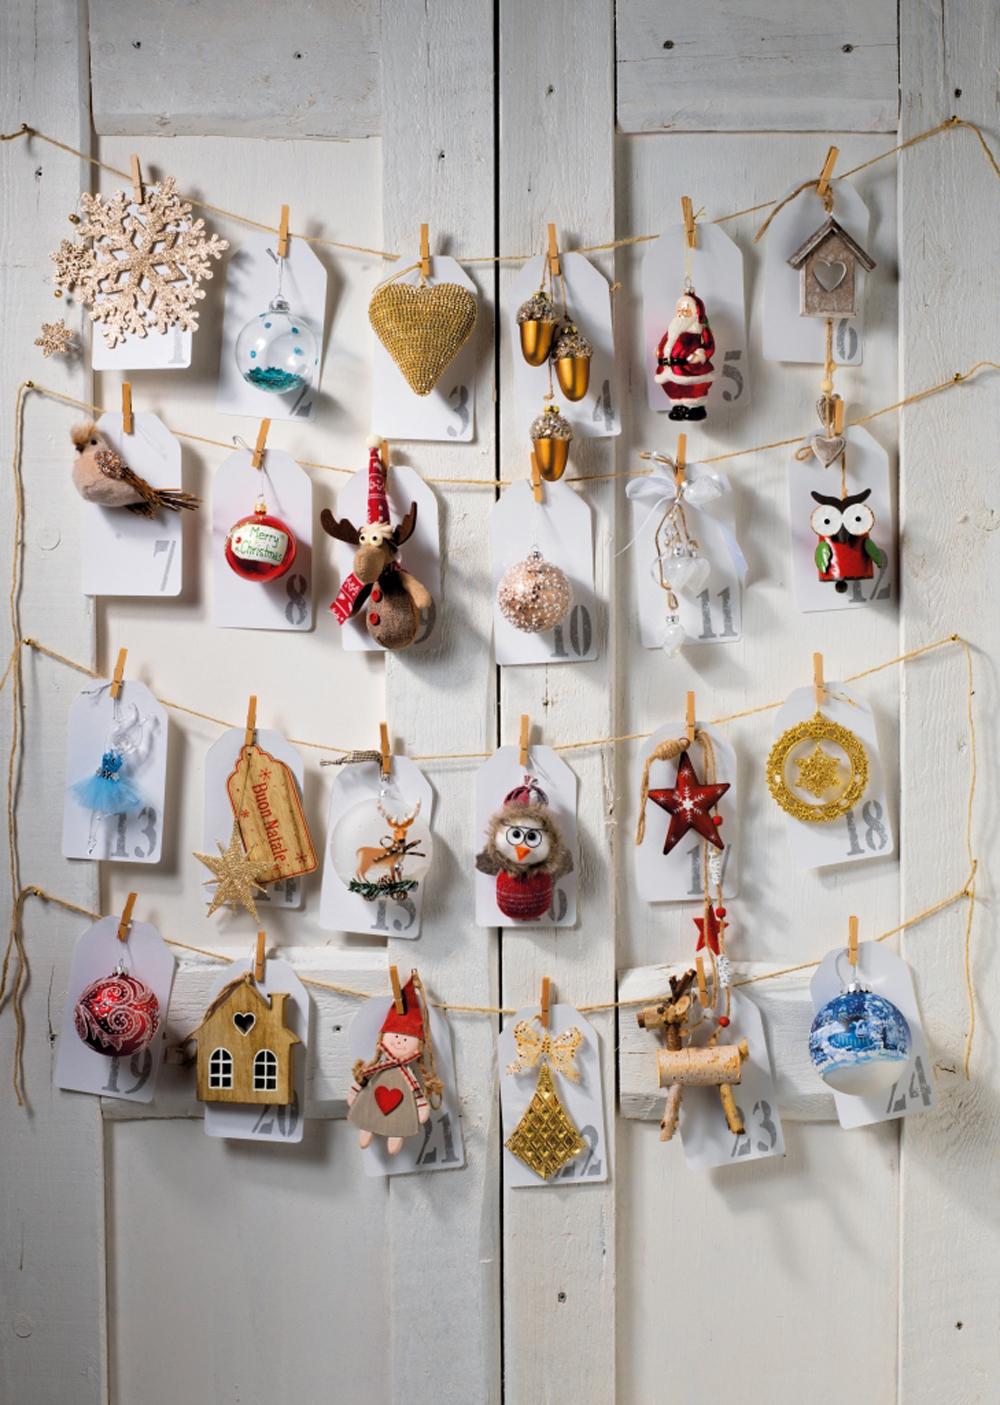 viridea-decorazioni-natale-calendario-avvento